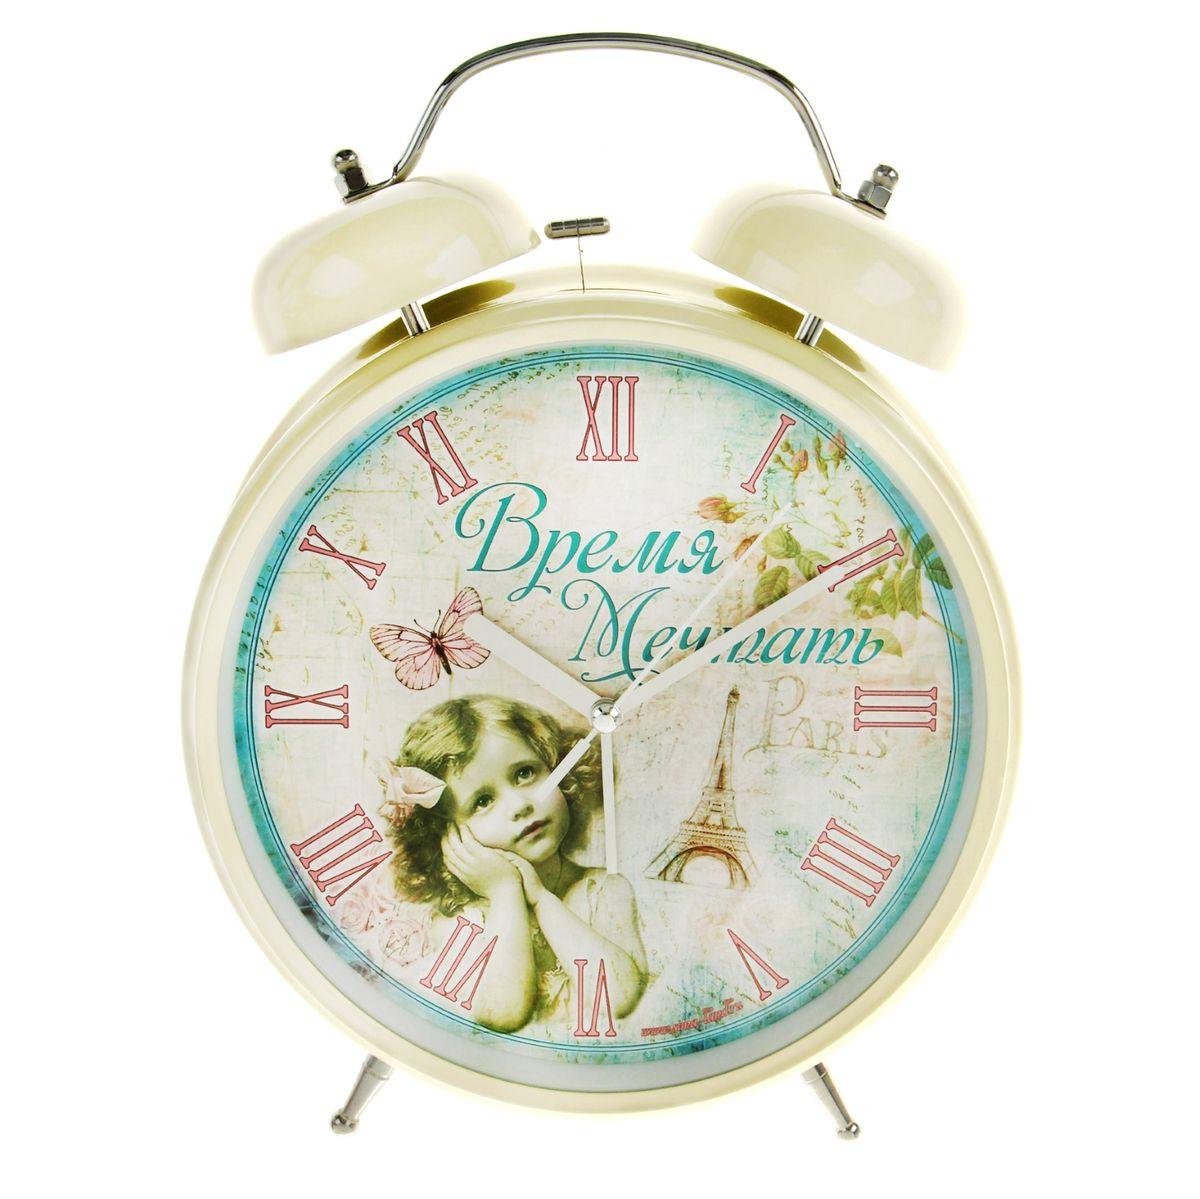 Часы-будильник Sima-land Время мечтать, цвет: бежевый, диаметр 20 смVT-3525(W)Часы-будильник Sima-land Время мечтать - это невероятных размеров устройство, созданное специально для тех, кто с трудом просыпается по утрам!Изделие обладает оригинальным дизайном. Такой будильник станет изюминкой вашего интерьера.Будильник работает от 2 батареек типа АА 1,5 В (в комплект не входят). На задней панели будильника расположены переключатель включения/выключения механизма, два поворотных рычага для настройки текущего времени и установки будильника, а также кнопка для включения подсветки циферблата.Диаметр циферблата: 20 см.